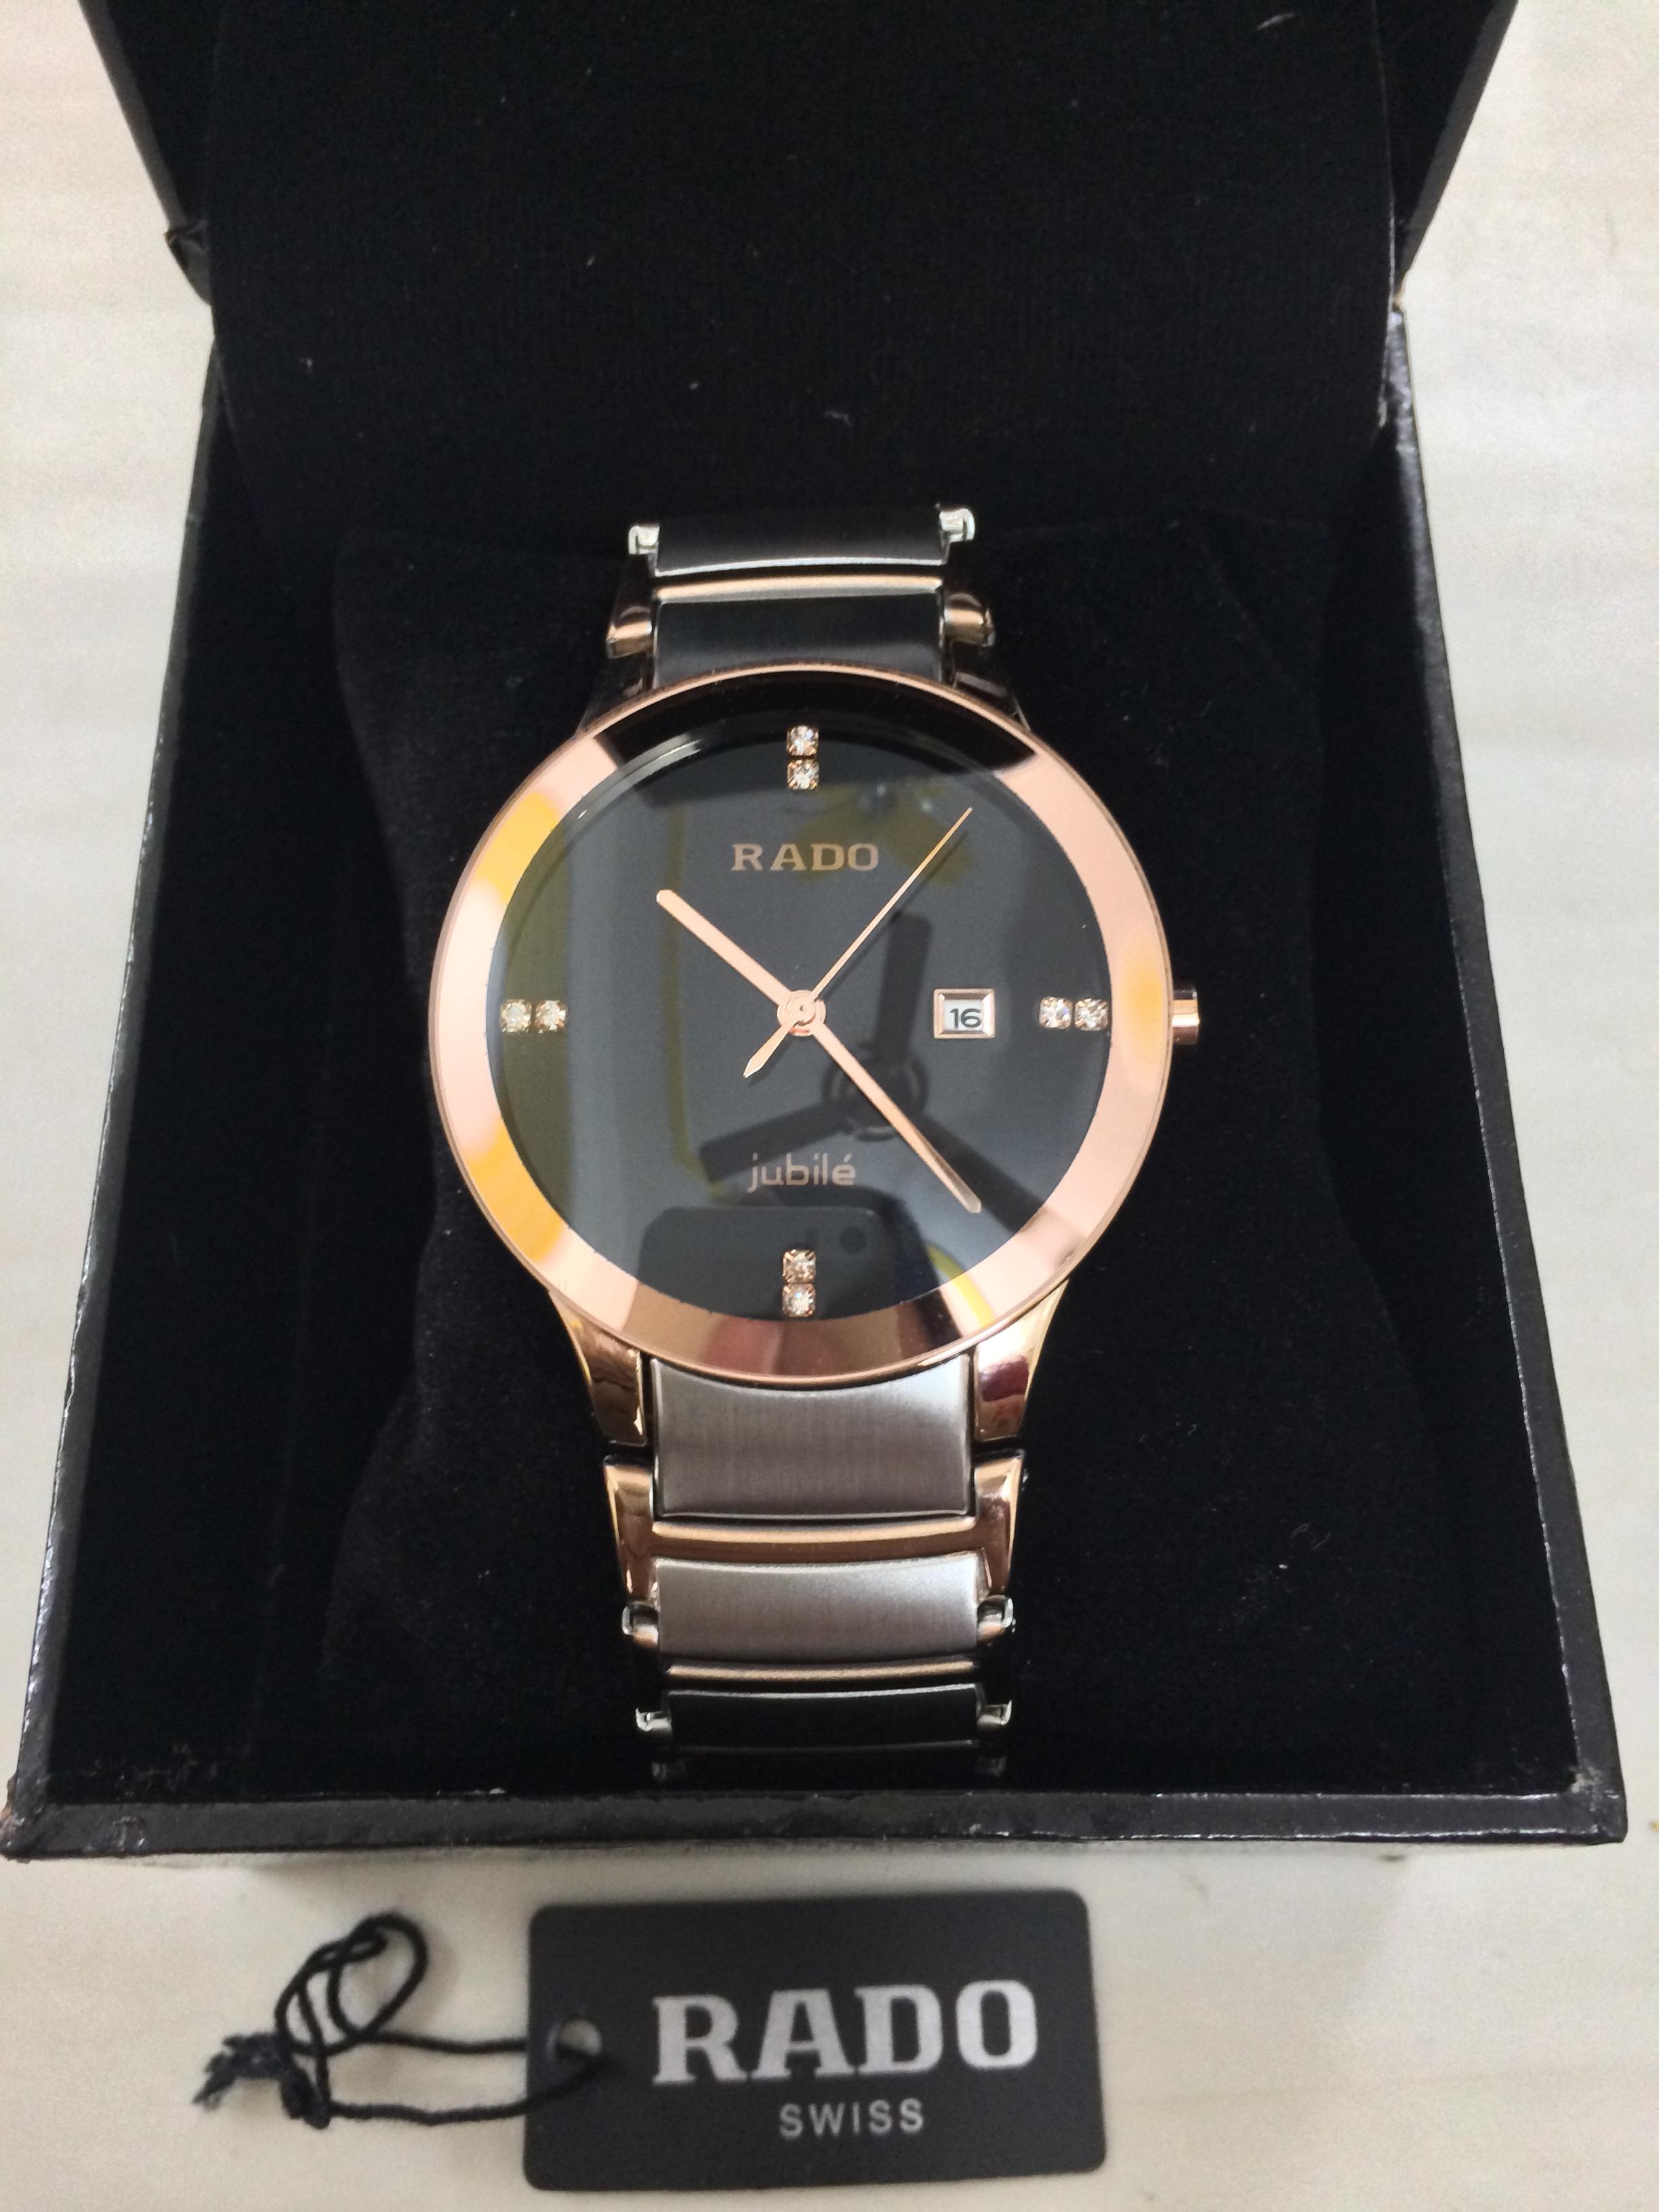 следите часы rado jubile swiss цена оригинал фото если хотите